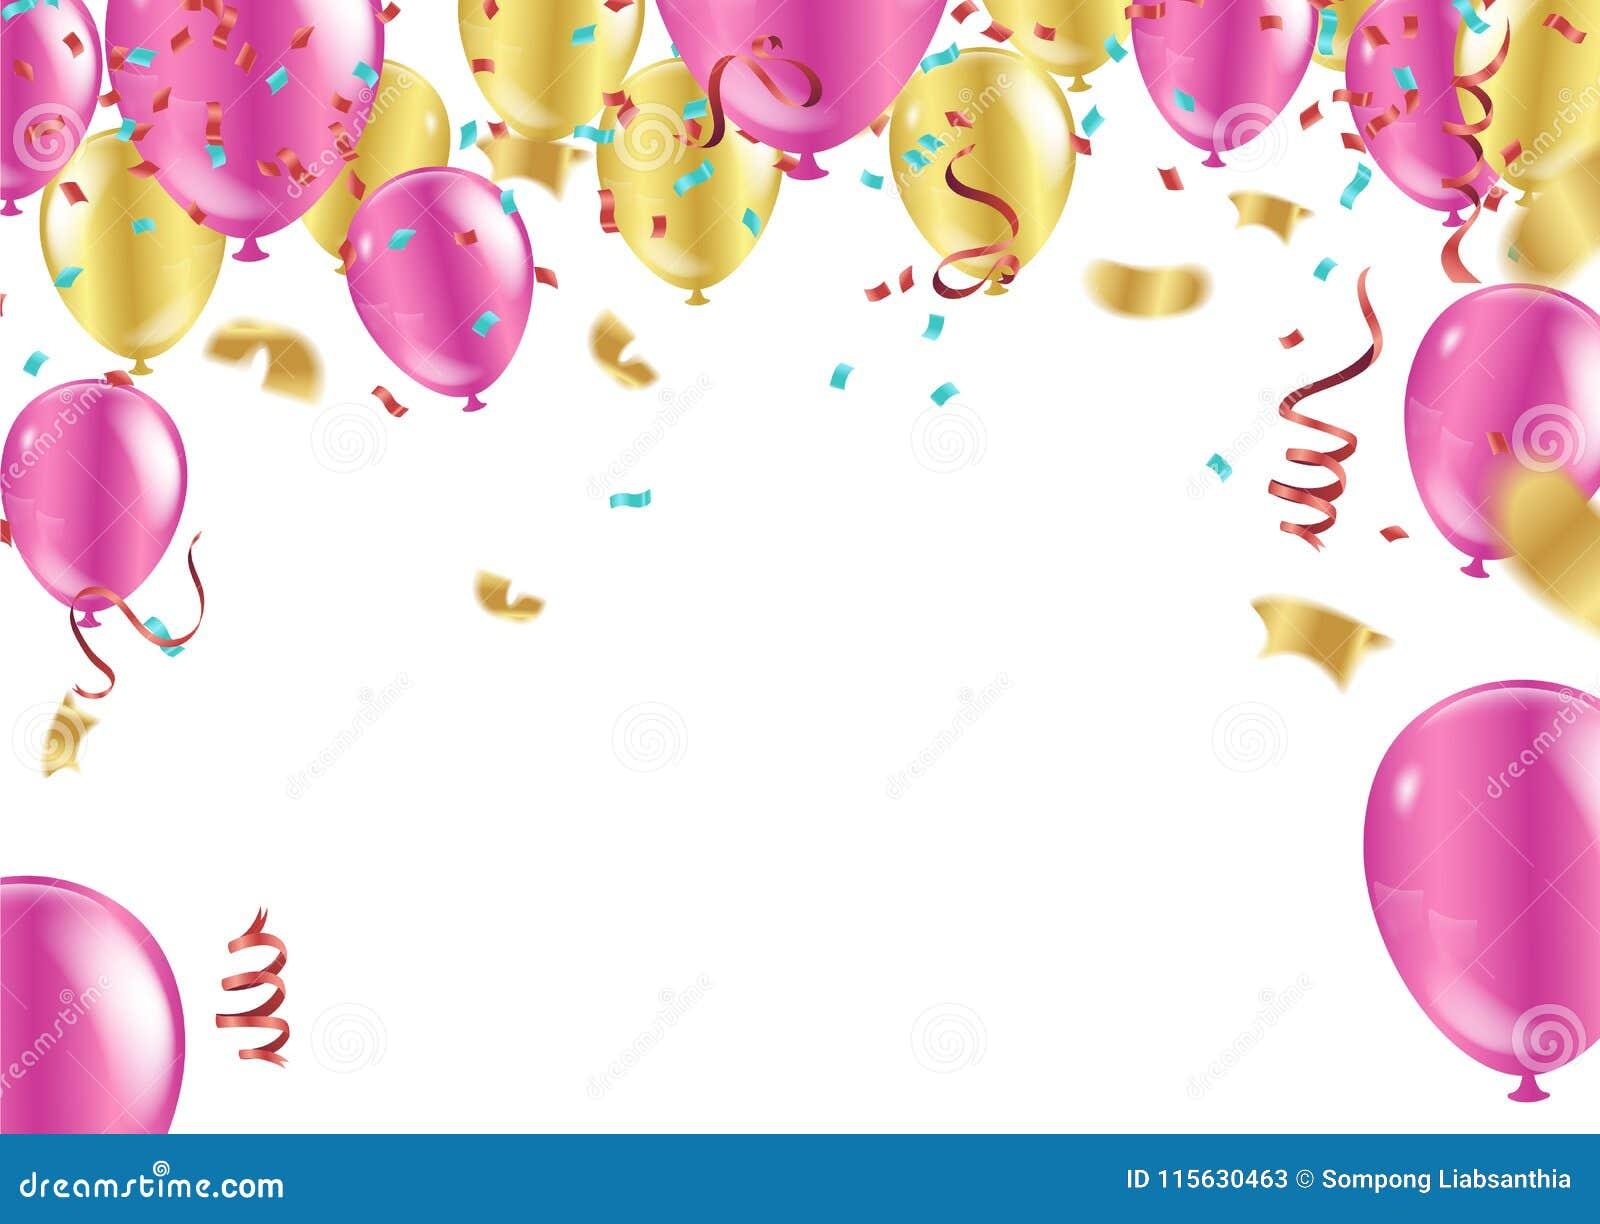 Conception de vecteur de typographie de joyeux anniversaire pour des cartes de voeux et p